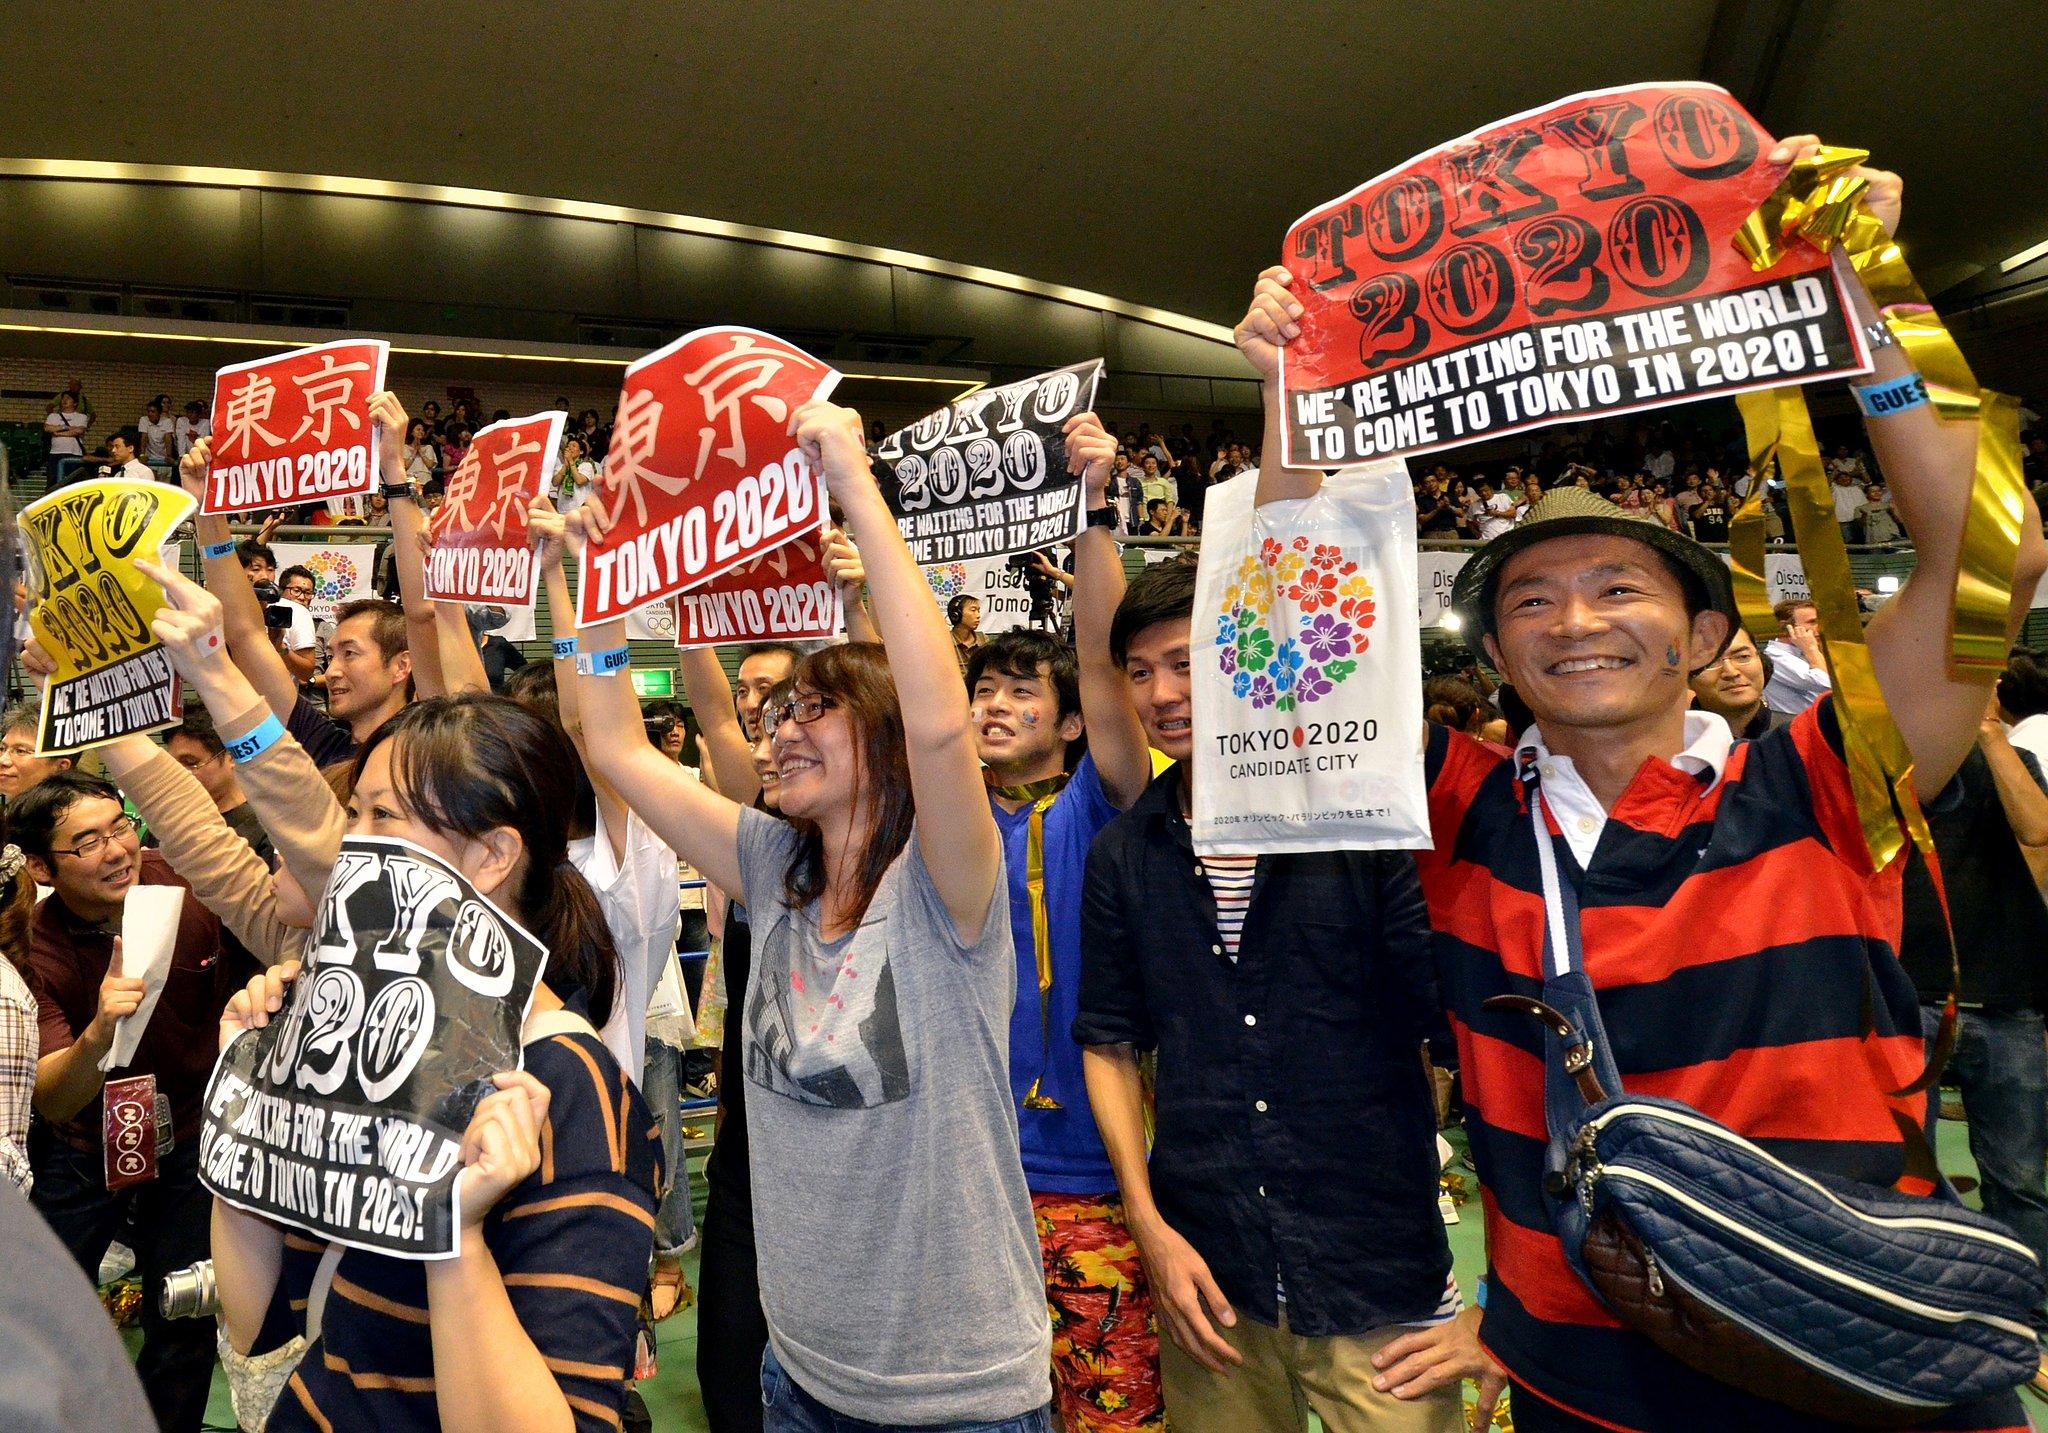 Tokyo 2020 — it's happening!